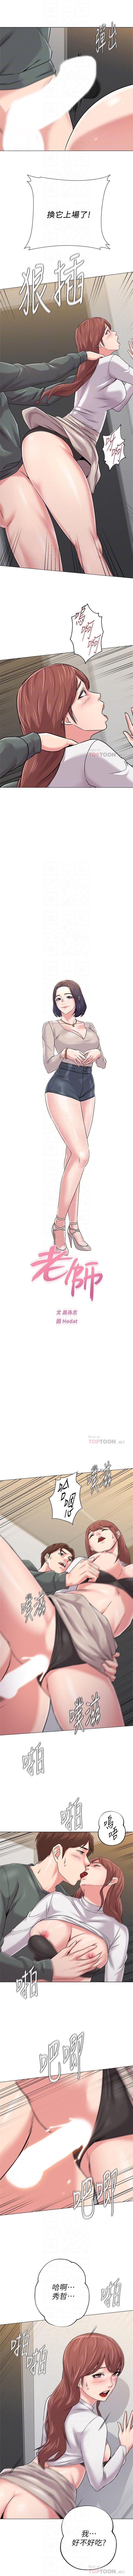 老師 1-80 官方中文(連載中) 374